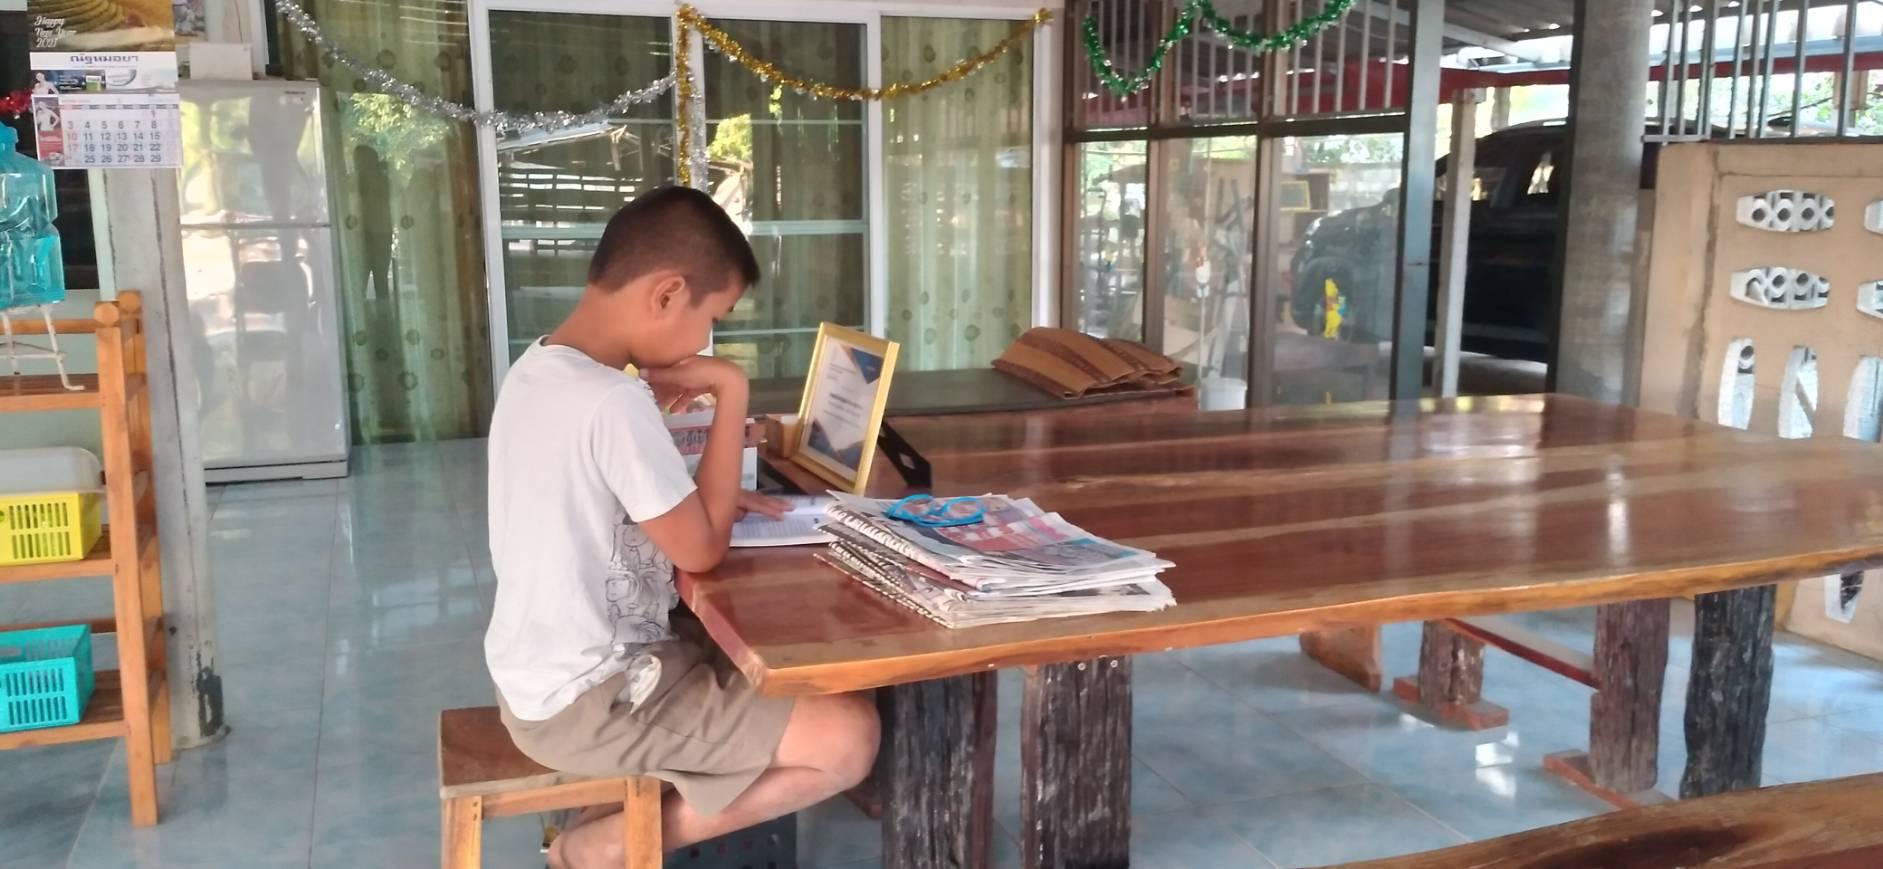 มอบหนังสือให้กับบ้านหนังสือชุมชนบ้านตะแบกงาม